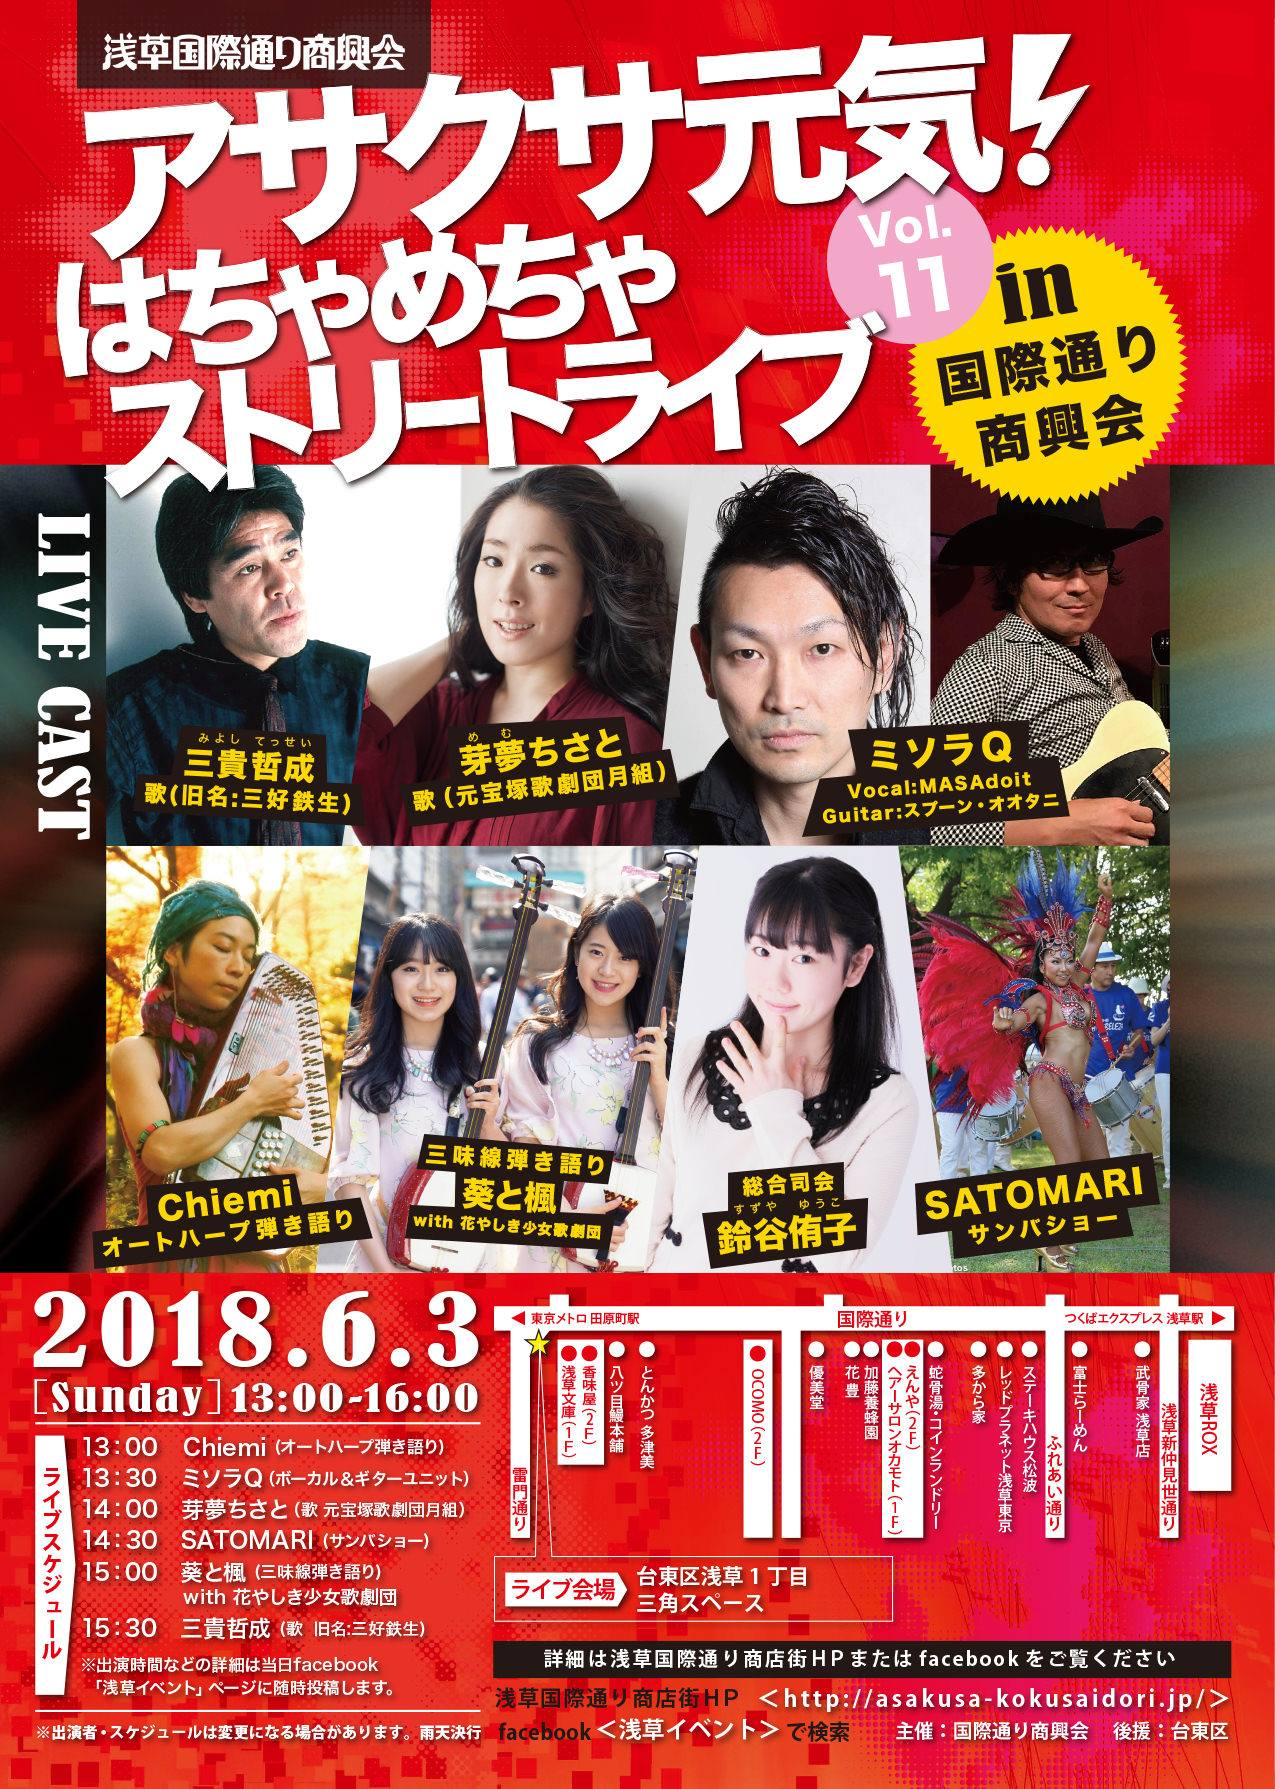 6月3日(日)アサクサ元気!はちゃめちゃストリートライブVol.11